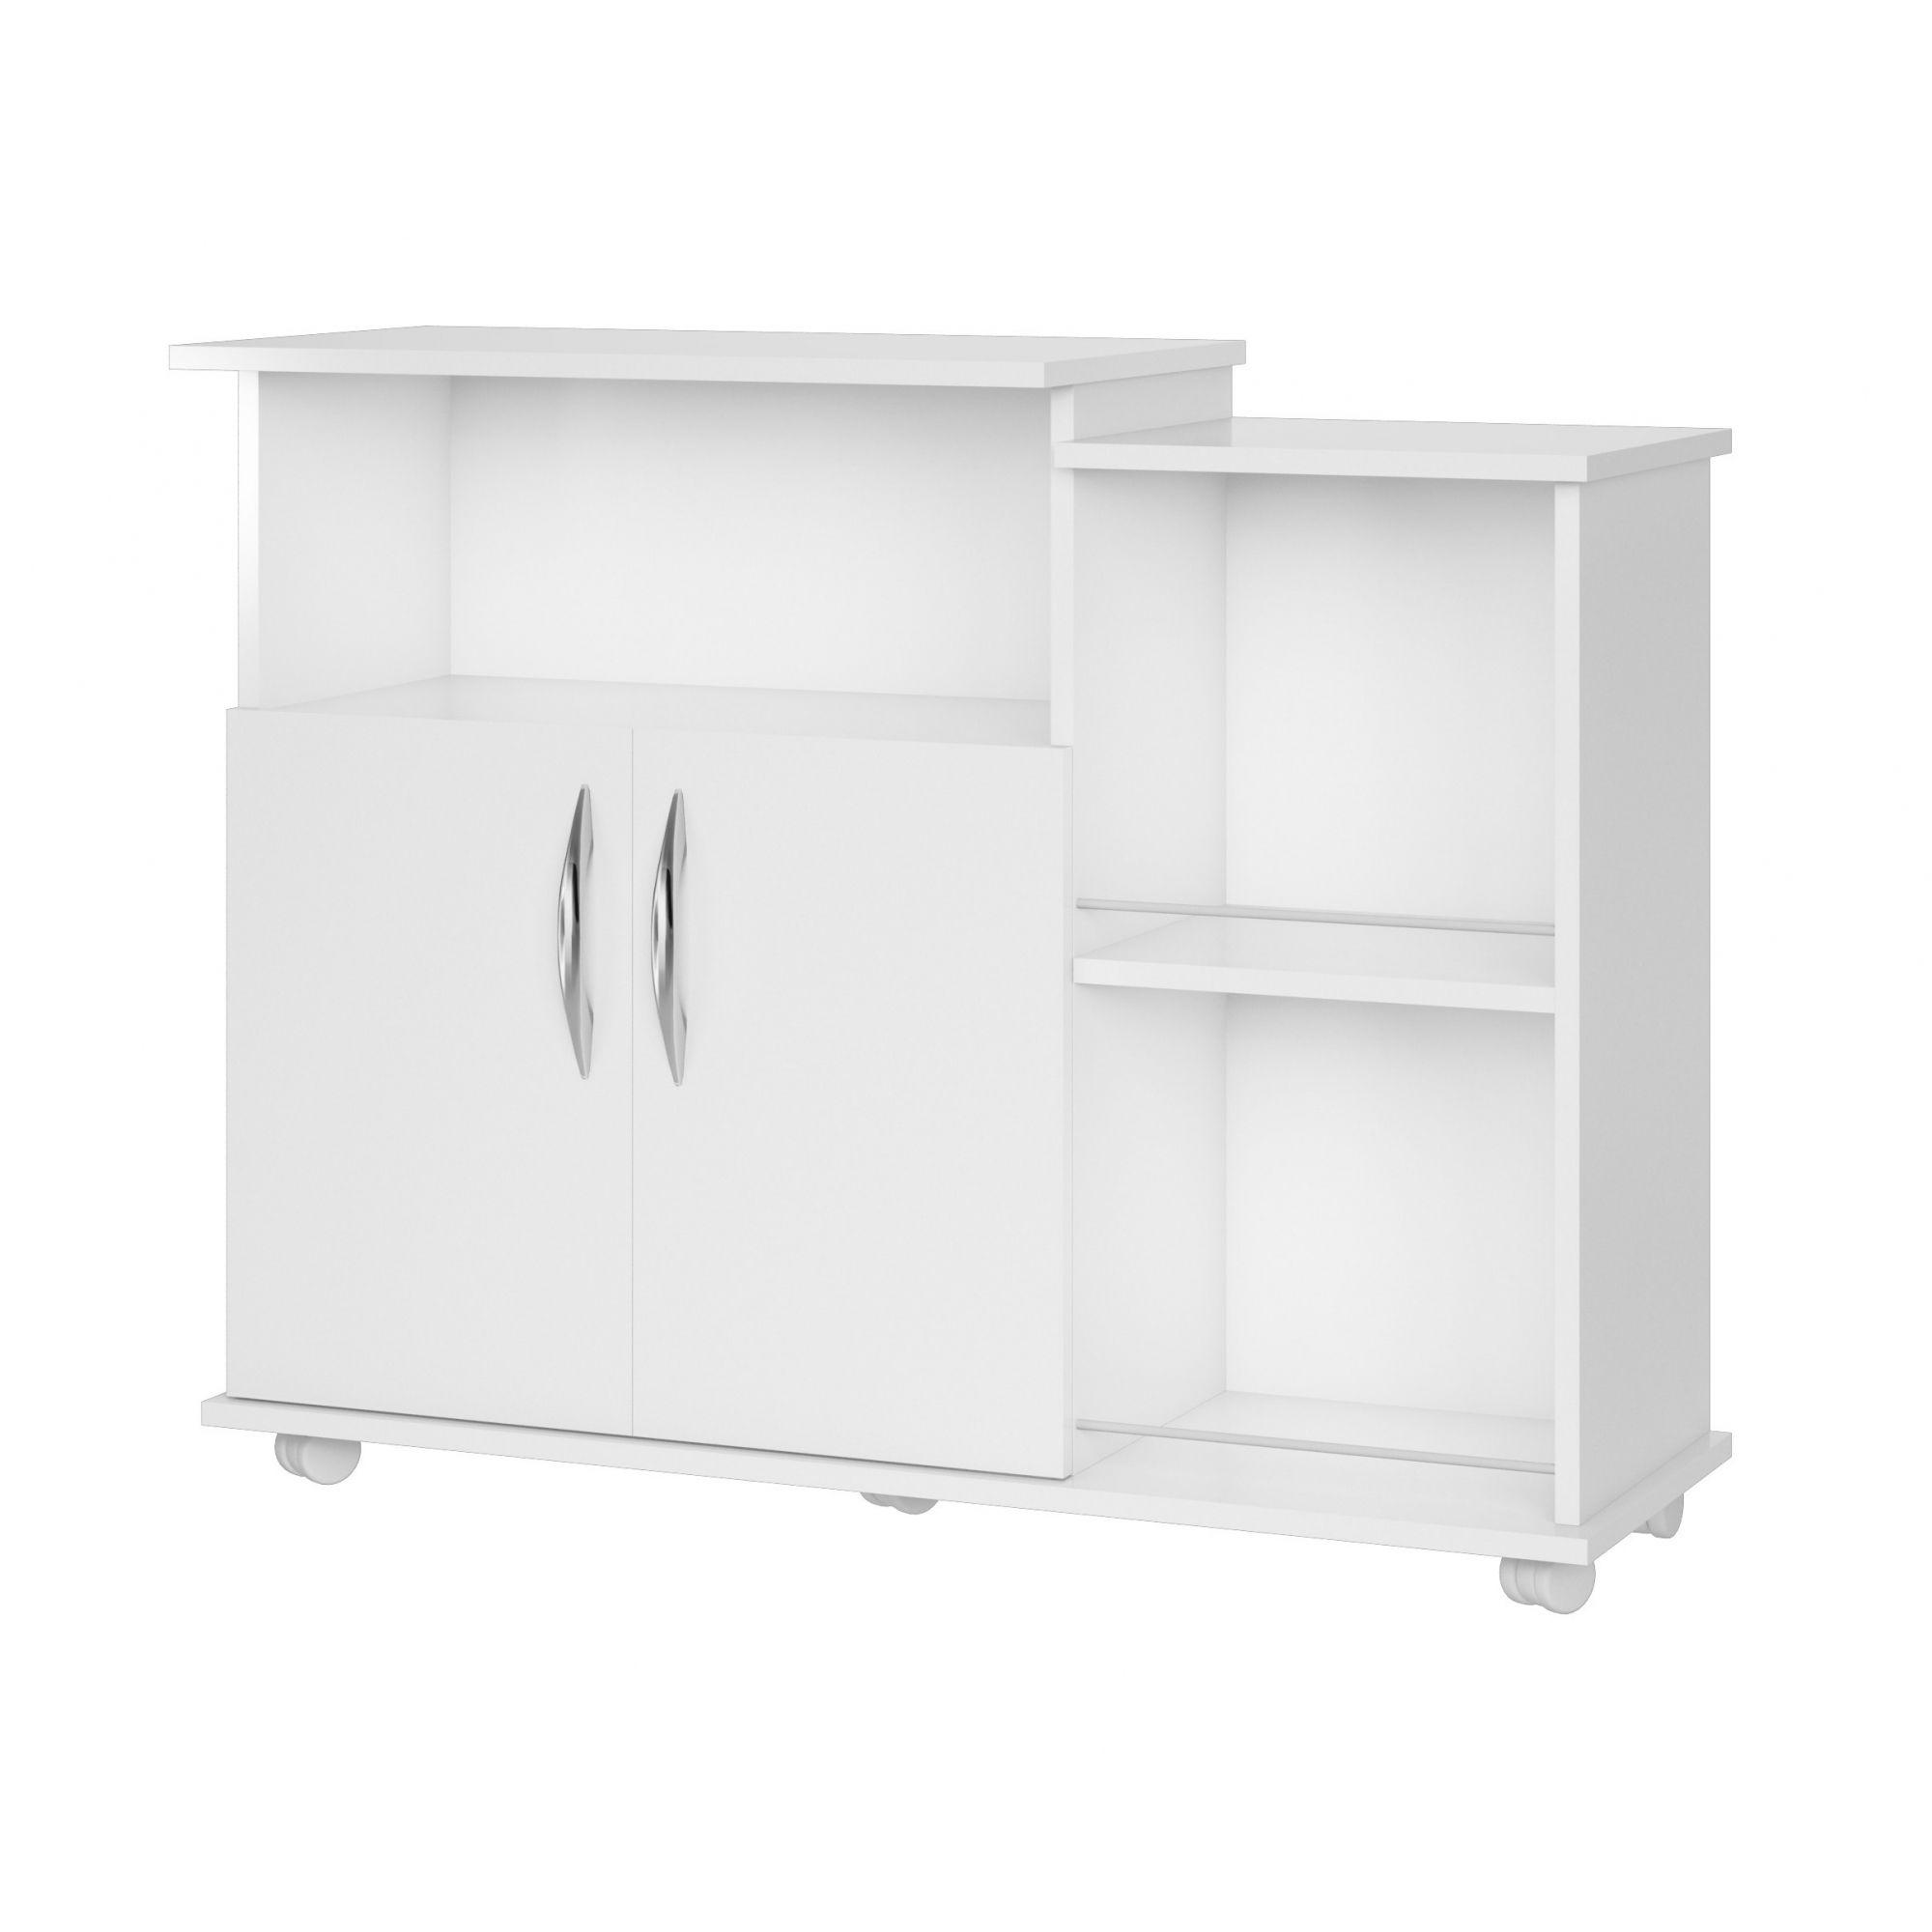 Fruteira Balcão Para Cozinha Multiuso Organizador Branco